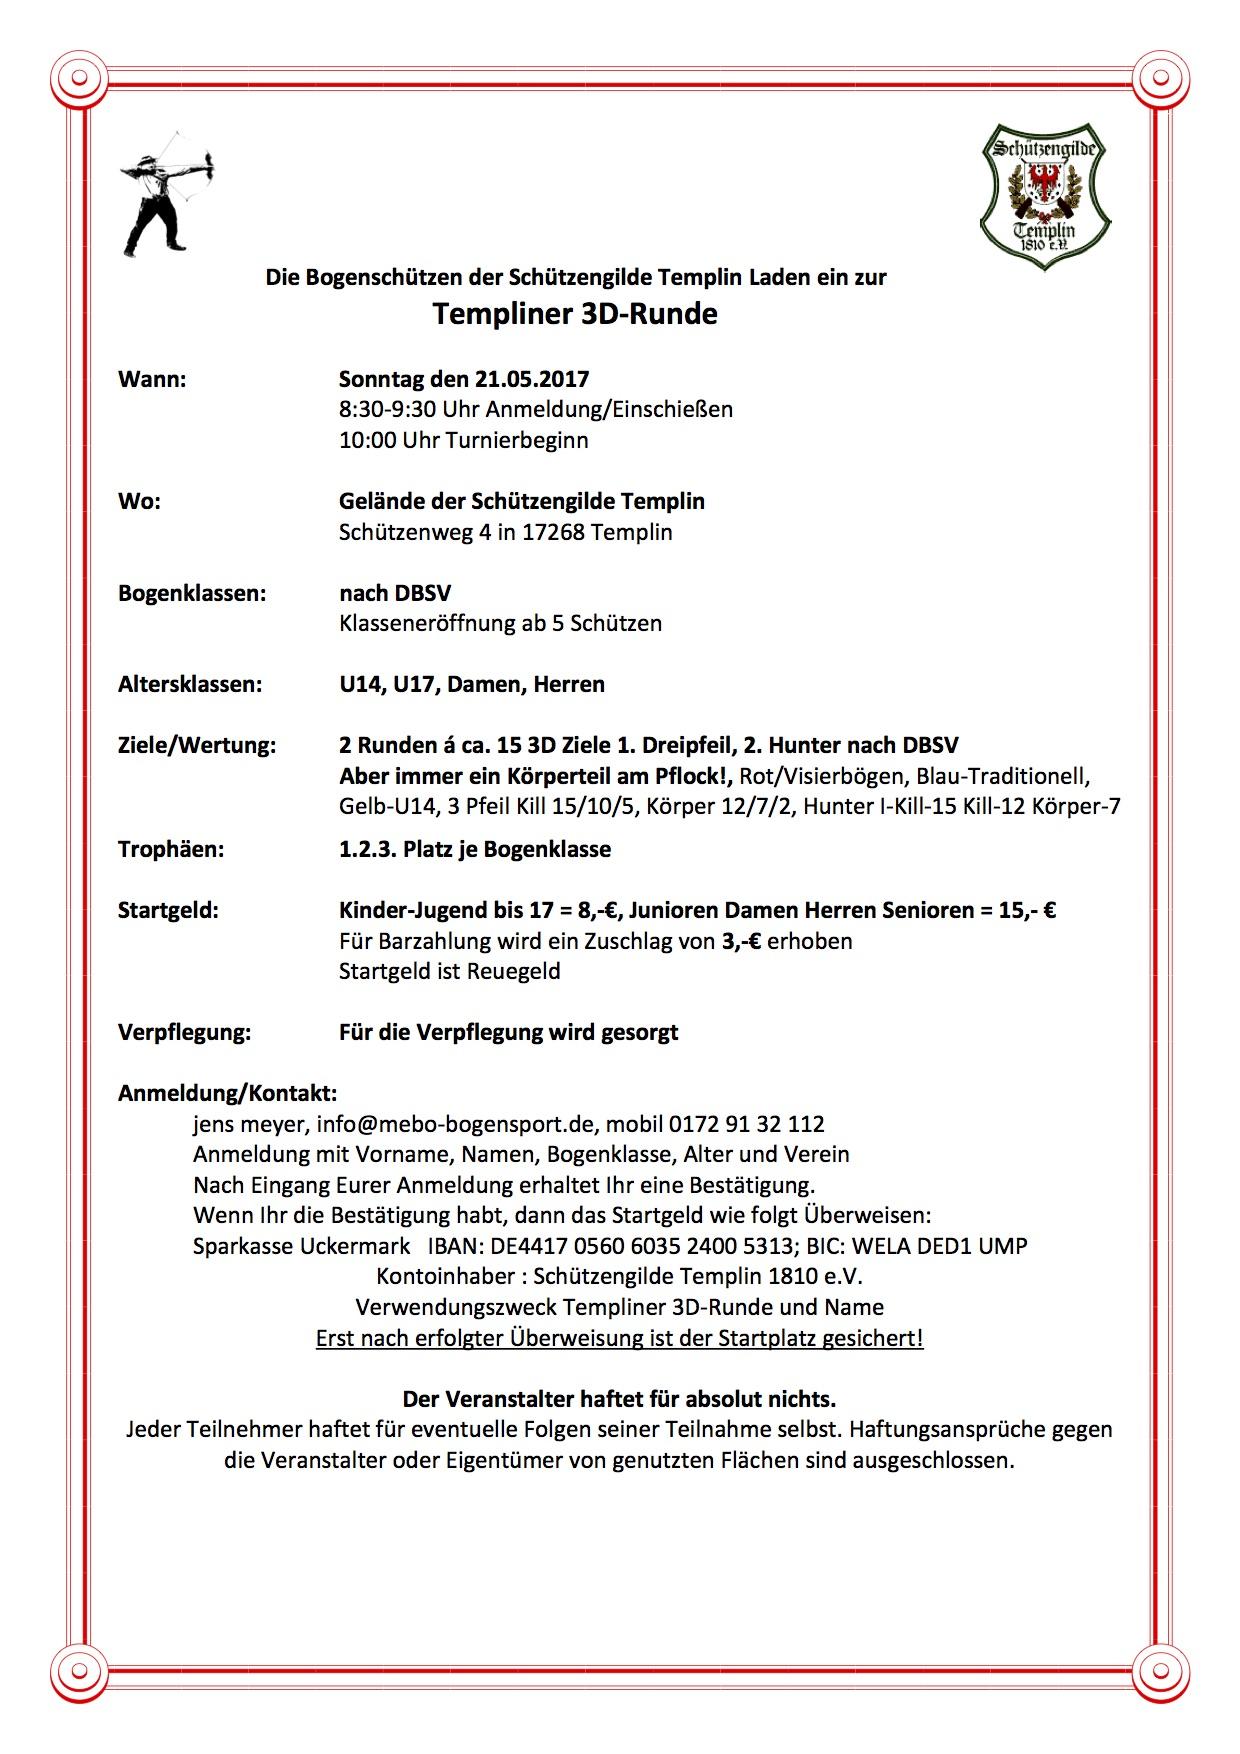 Ziemlich Damen Körperteile Name Bilder - Anatomie Ideen - finotti.info